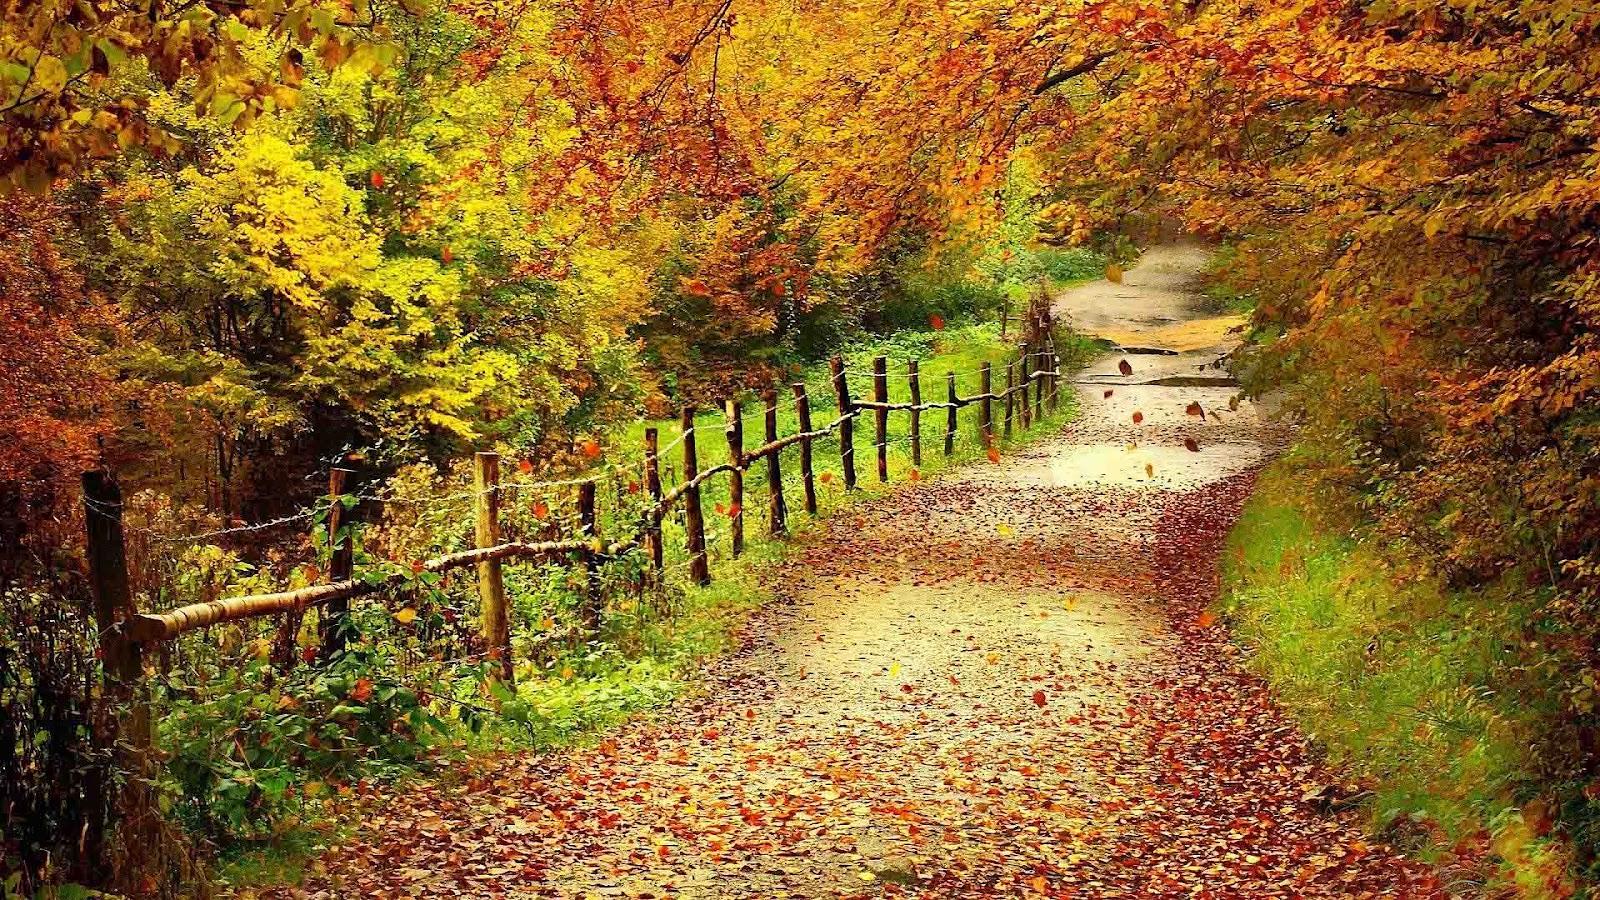 http://4.bp.blogspot.com/-6I8tnq2NzGw/UEXKhsDYMqI/AAAAAAAAGBg/mFOJ9pPN_Gg/s1600/hd-herfst-achtergrond-met-veel-bomen-met-herfstbladeren-wallpaper-foto.jpg